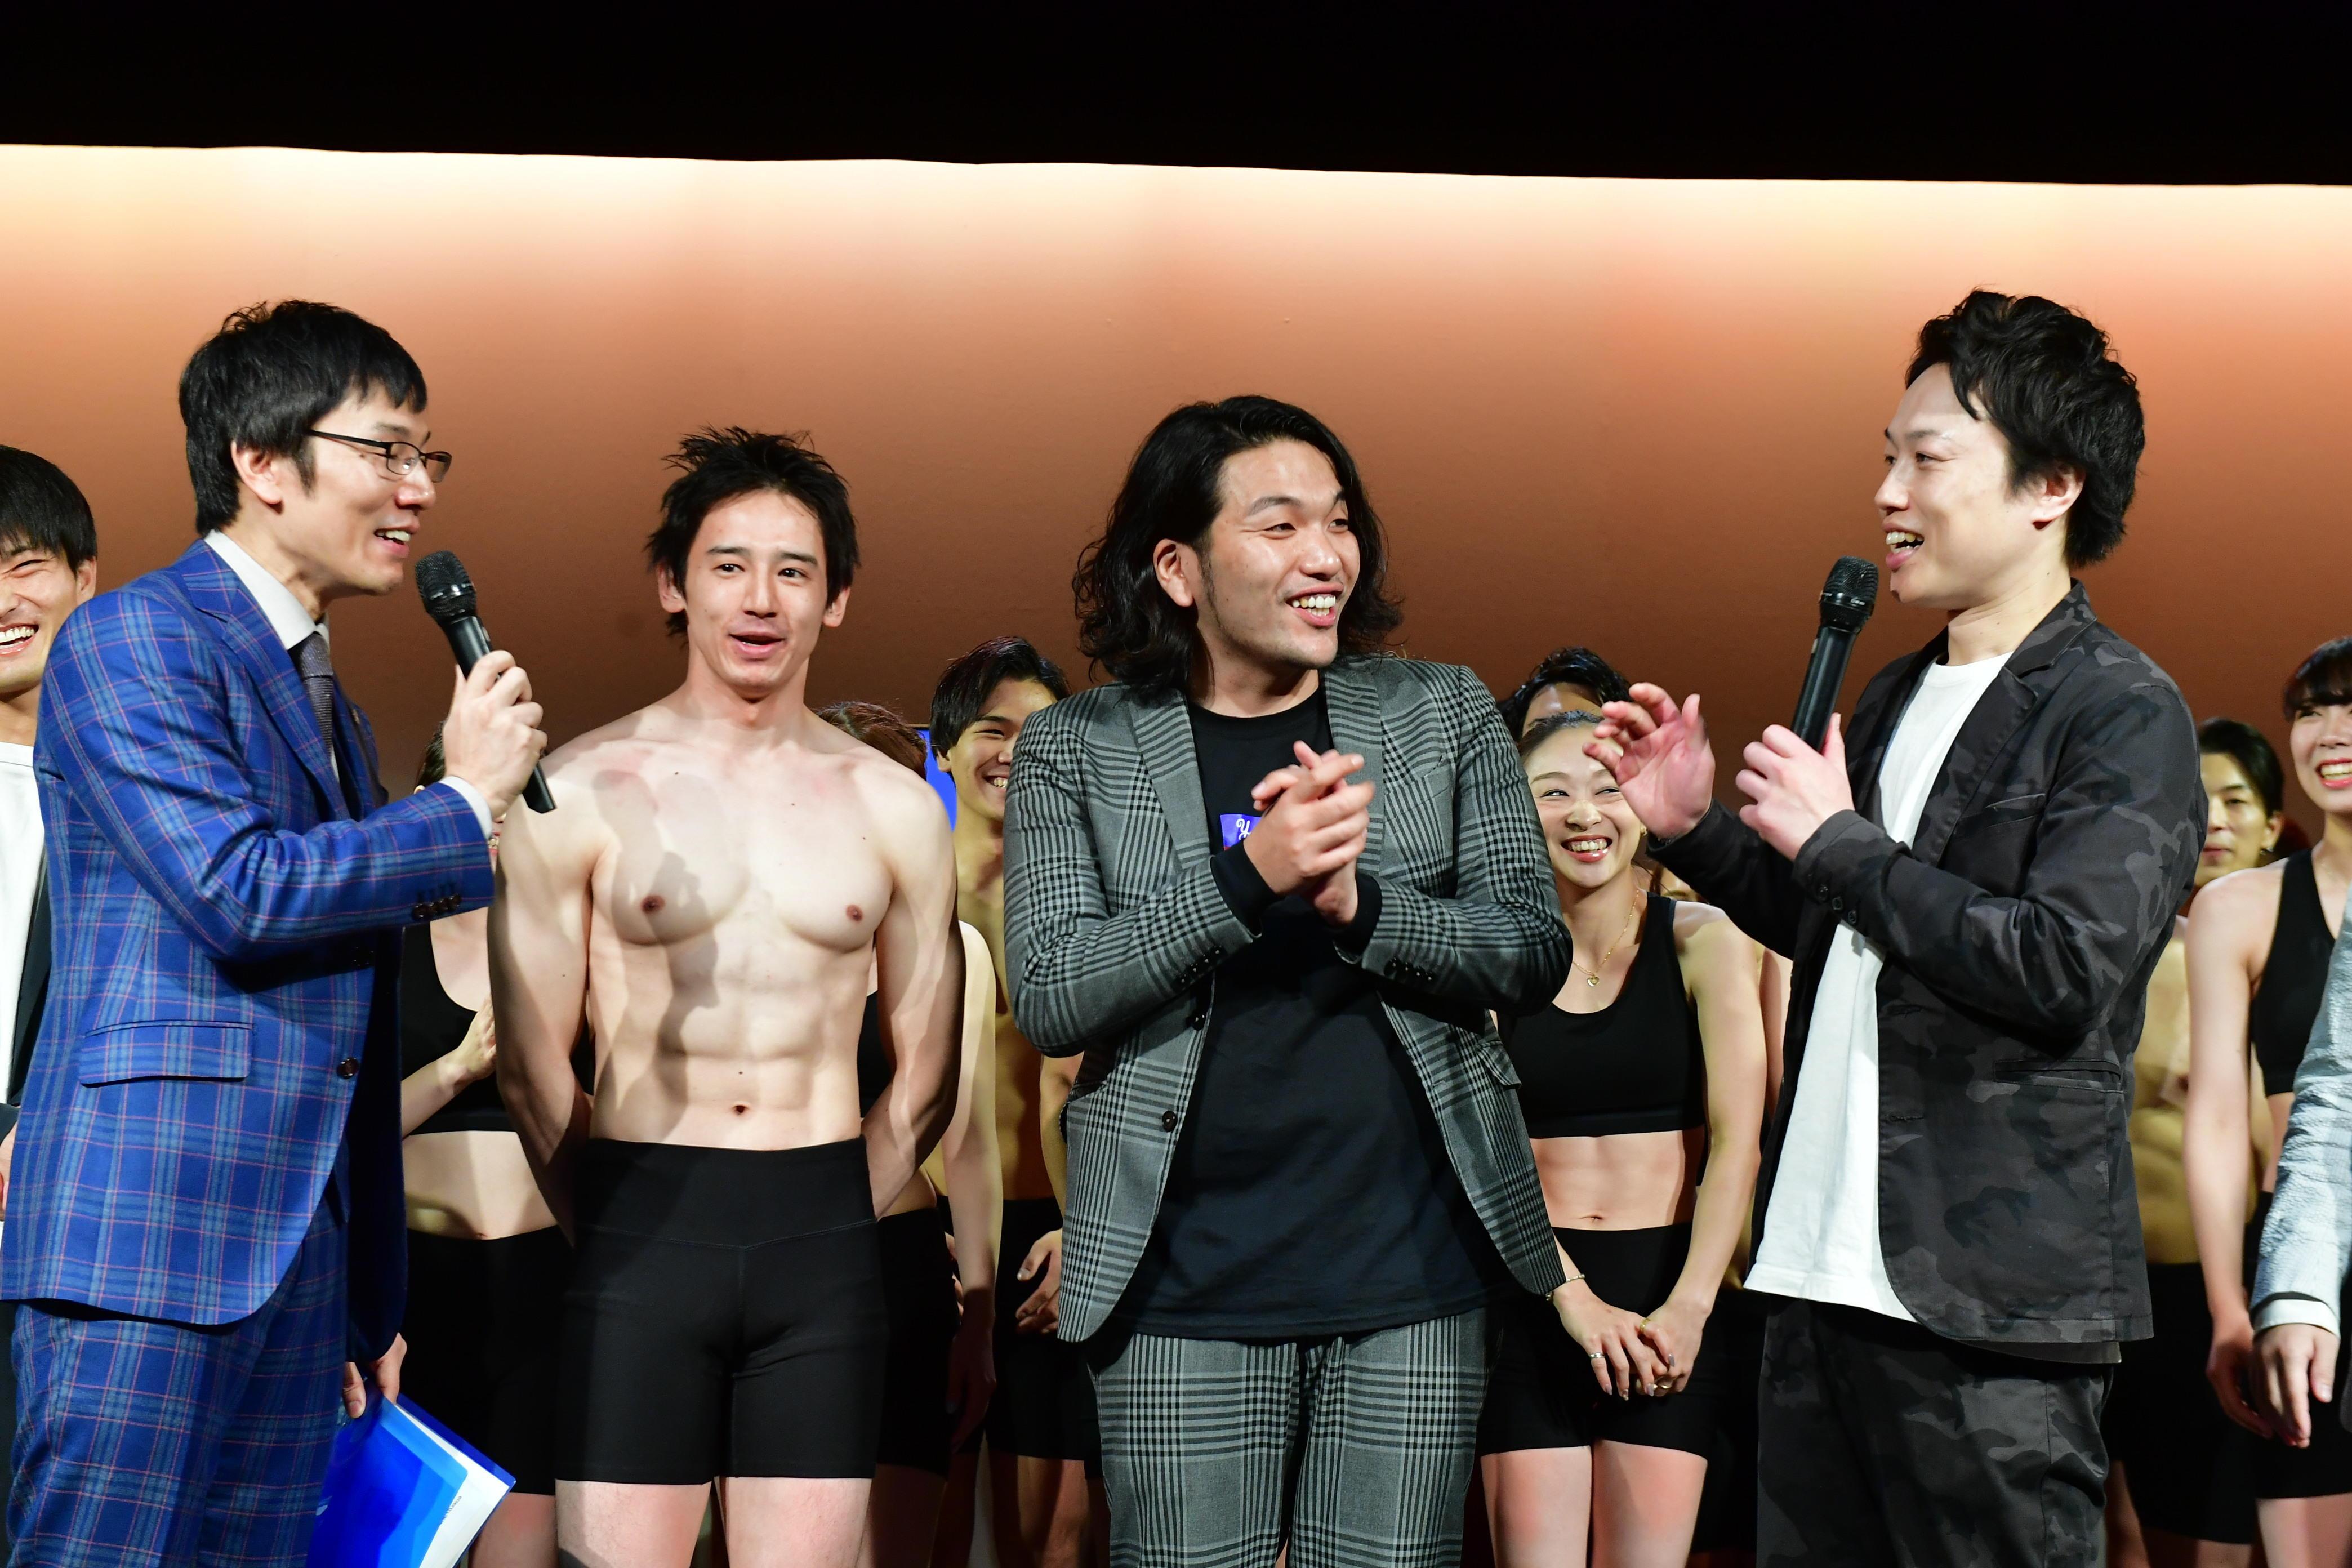 http://news.yoshimoto.co.jp/20181206204245-a22bcac980b49fd4ea3f5a5cdc3aae102cd6763a.jpg